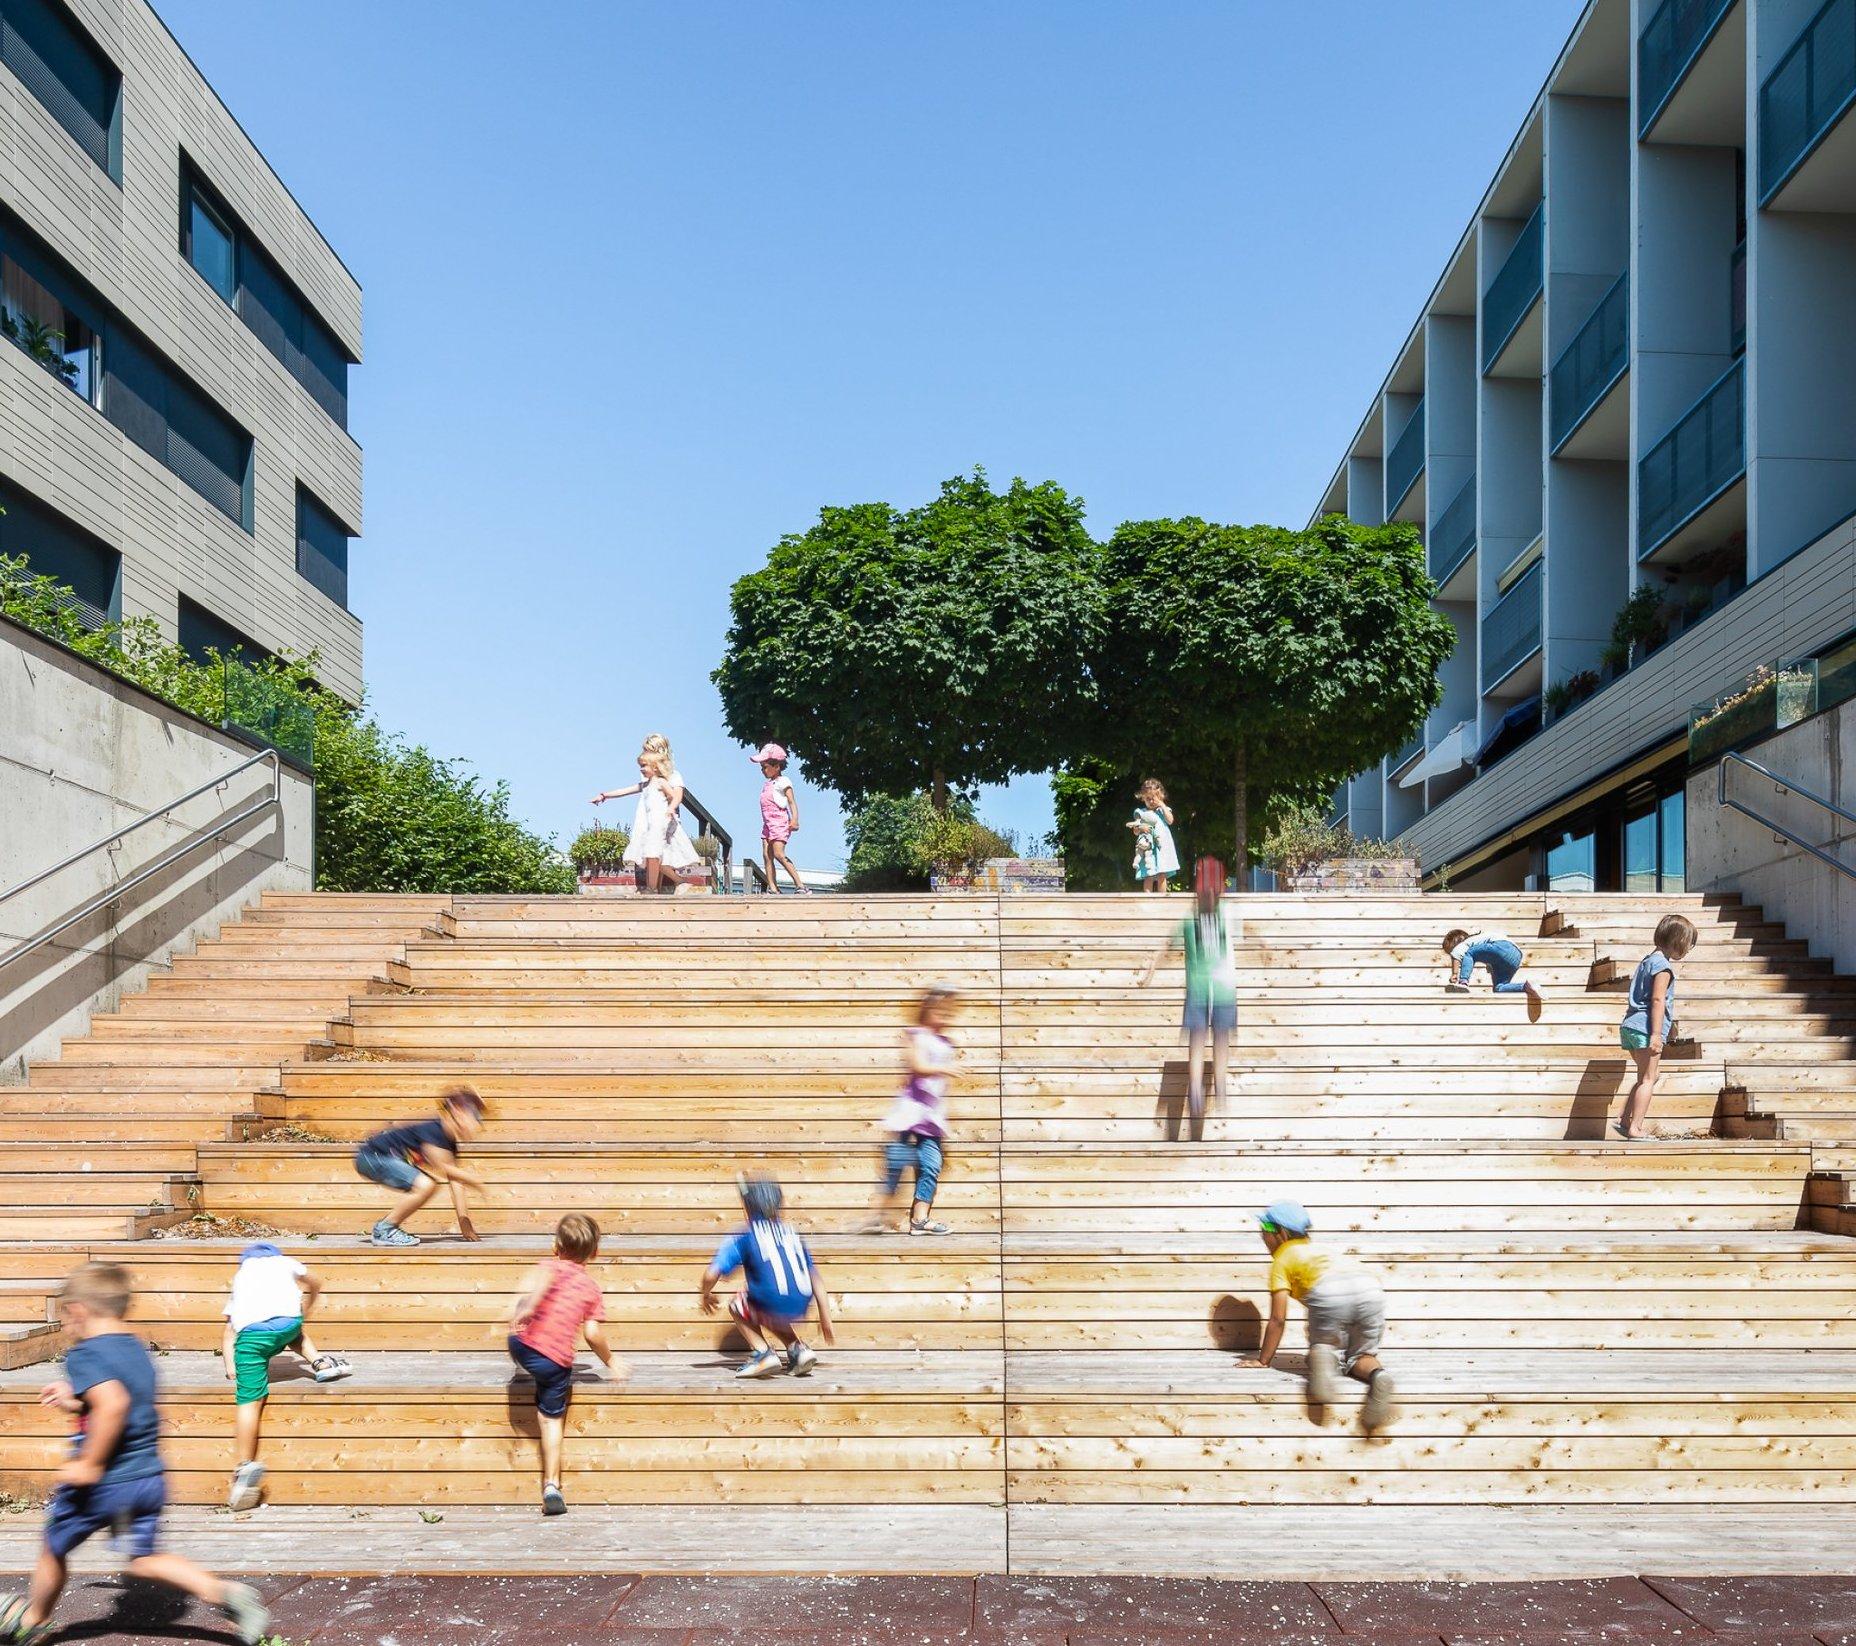 Kindergarten, Linz drexel architekten